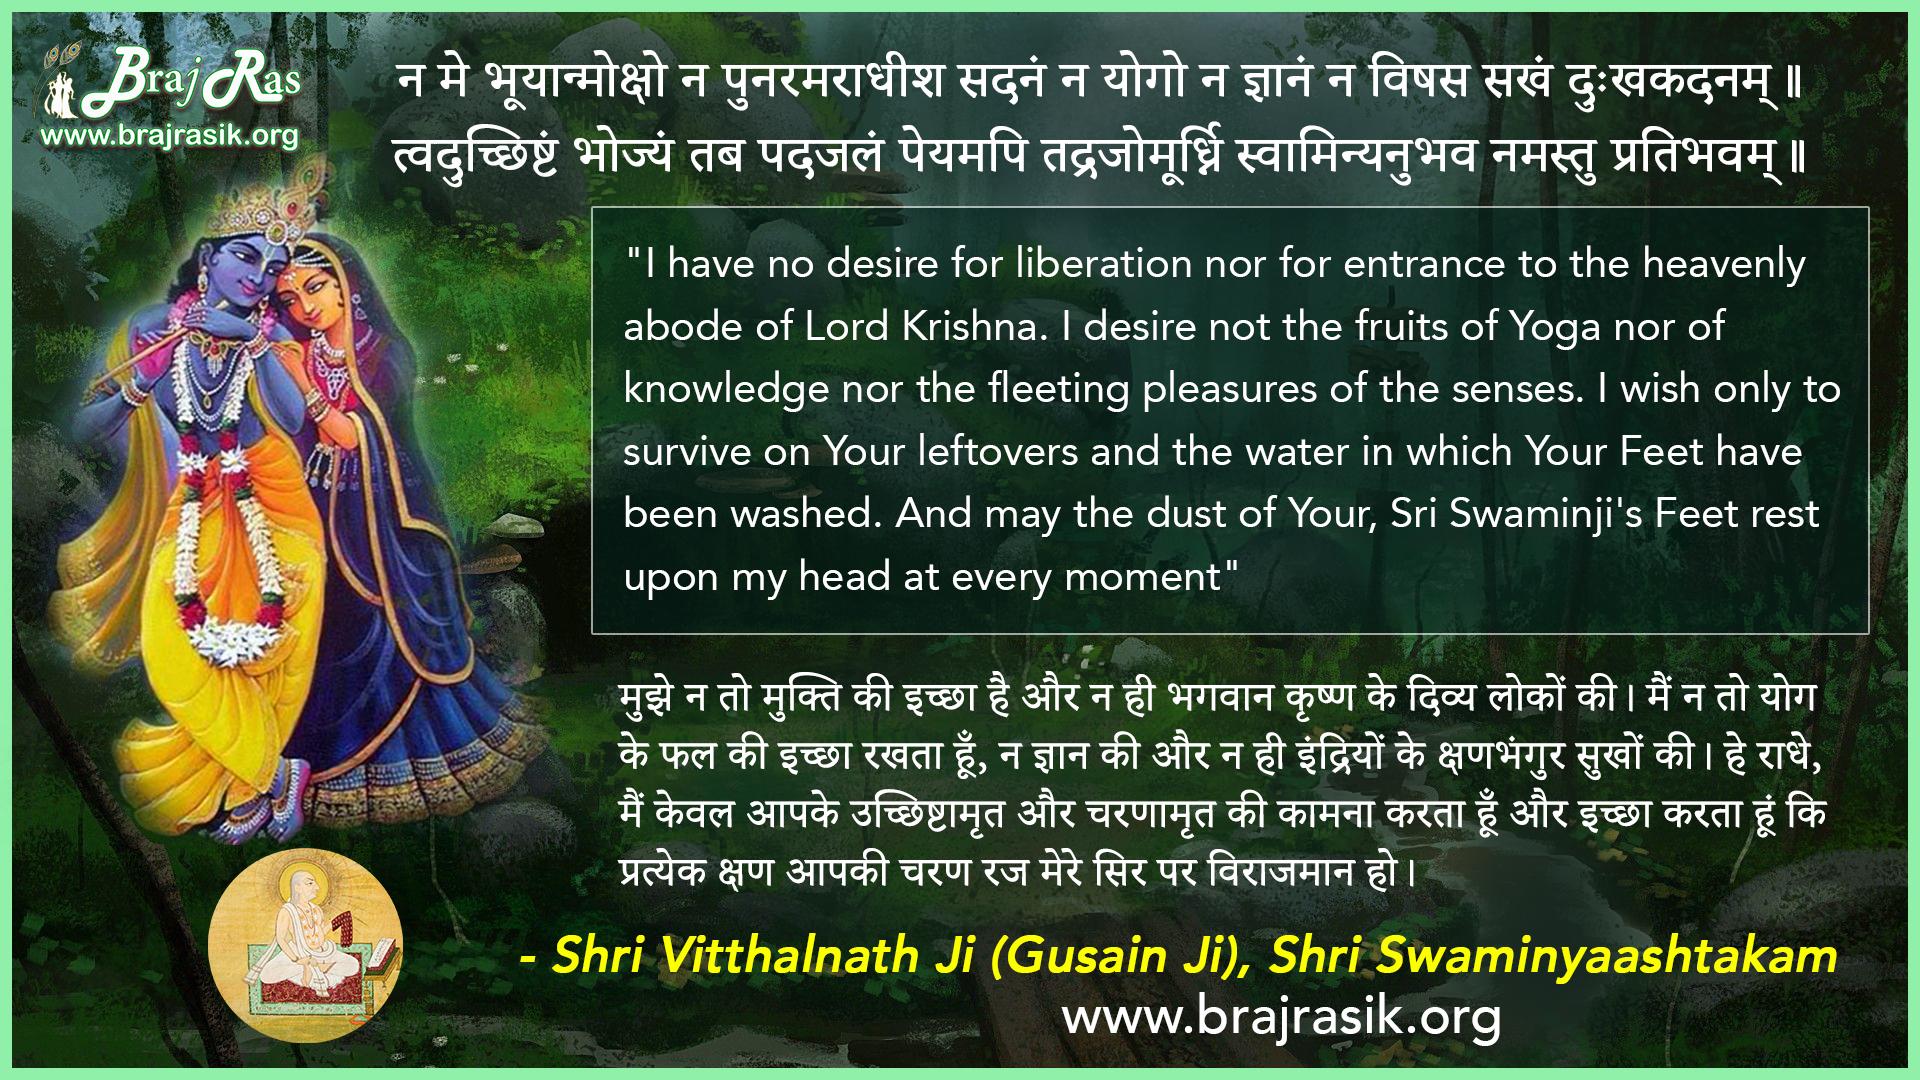 Na Me Bhooyaanmoksho Na Punaramaraadheesh Sadanam - Shri Vitthalnath Ji (Gusain Ji), Shri Swaminiyashtakam